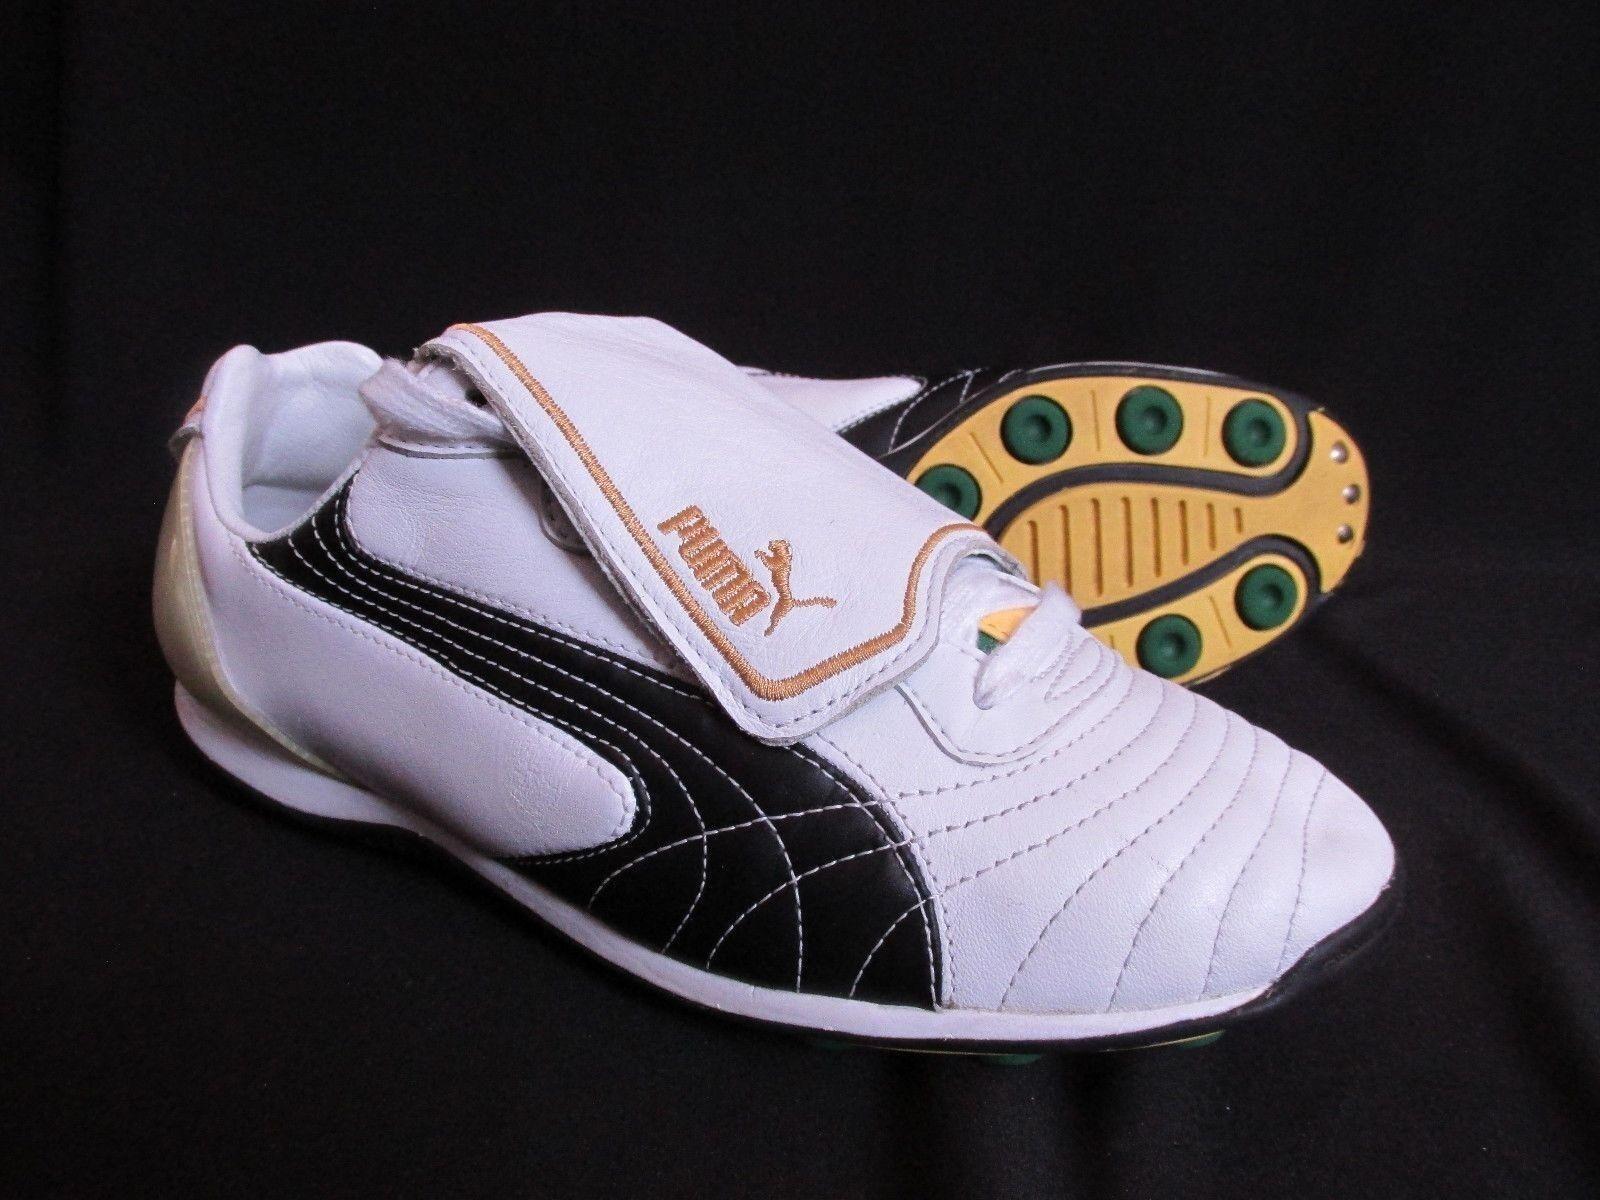 Puma Lecarre Cuero Fútbol Rey velocidad Furio Furio Furio Gato Zapatos EE. UU. 8M EU 40.5  tienda hace compras y ventas